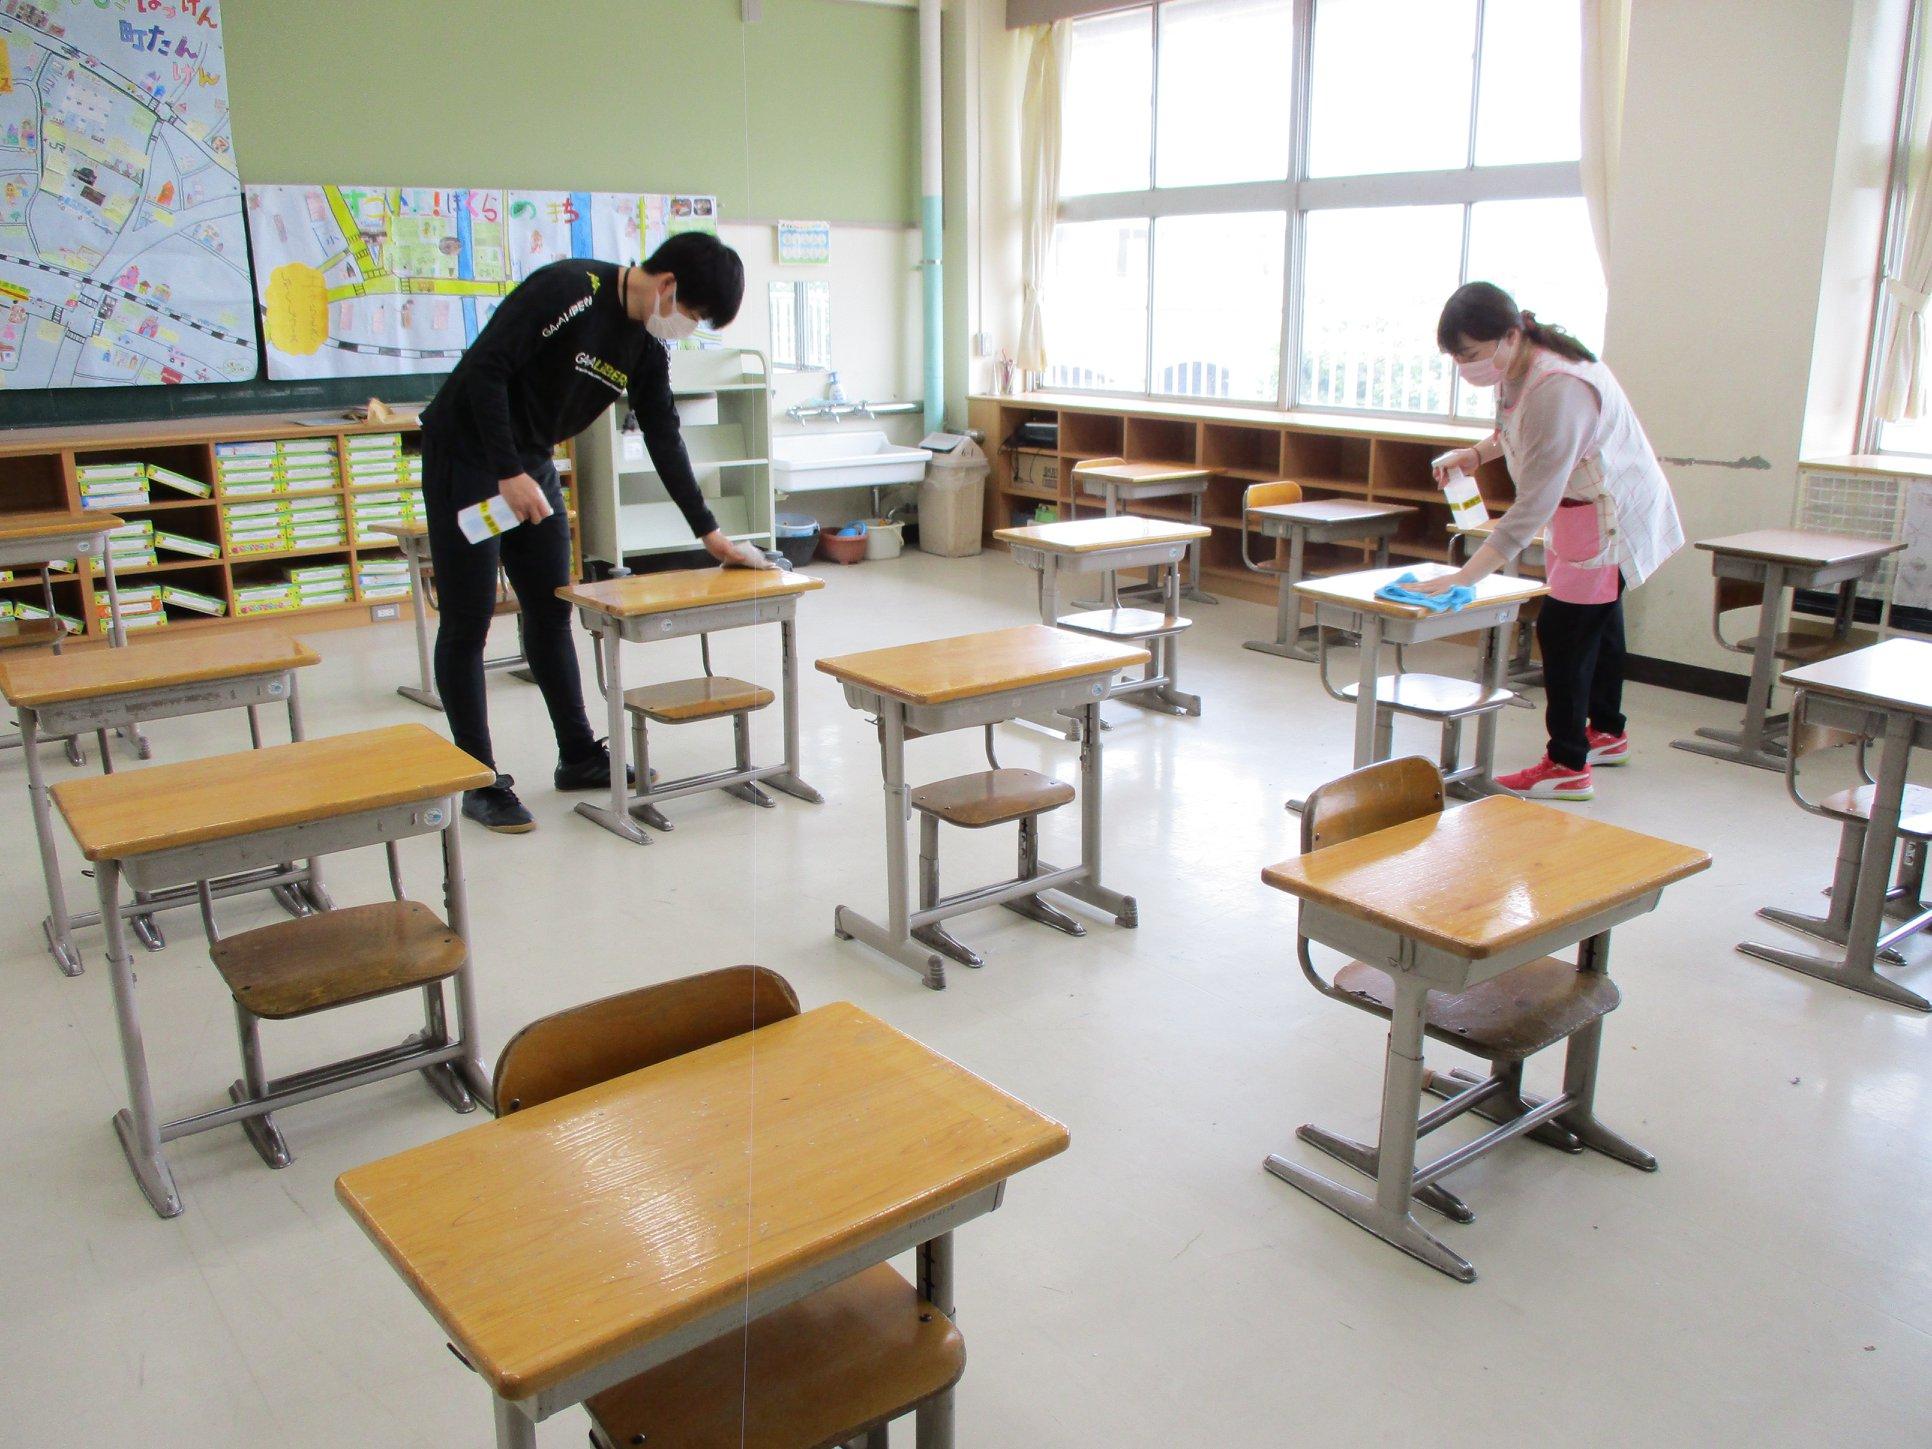 学校の再開に向けた分散登校が5月27日から始まりますpage-visual 学校の再開に向けた分散登校が5月27日から始まりますビジュアル